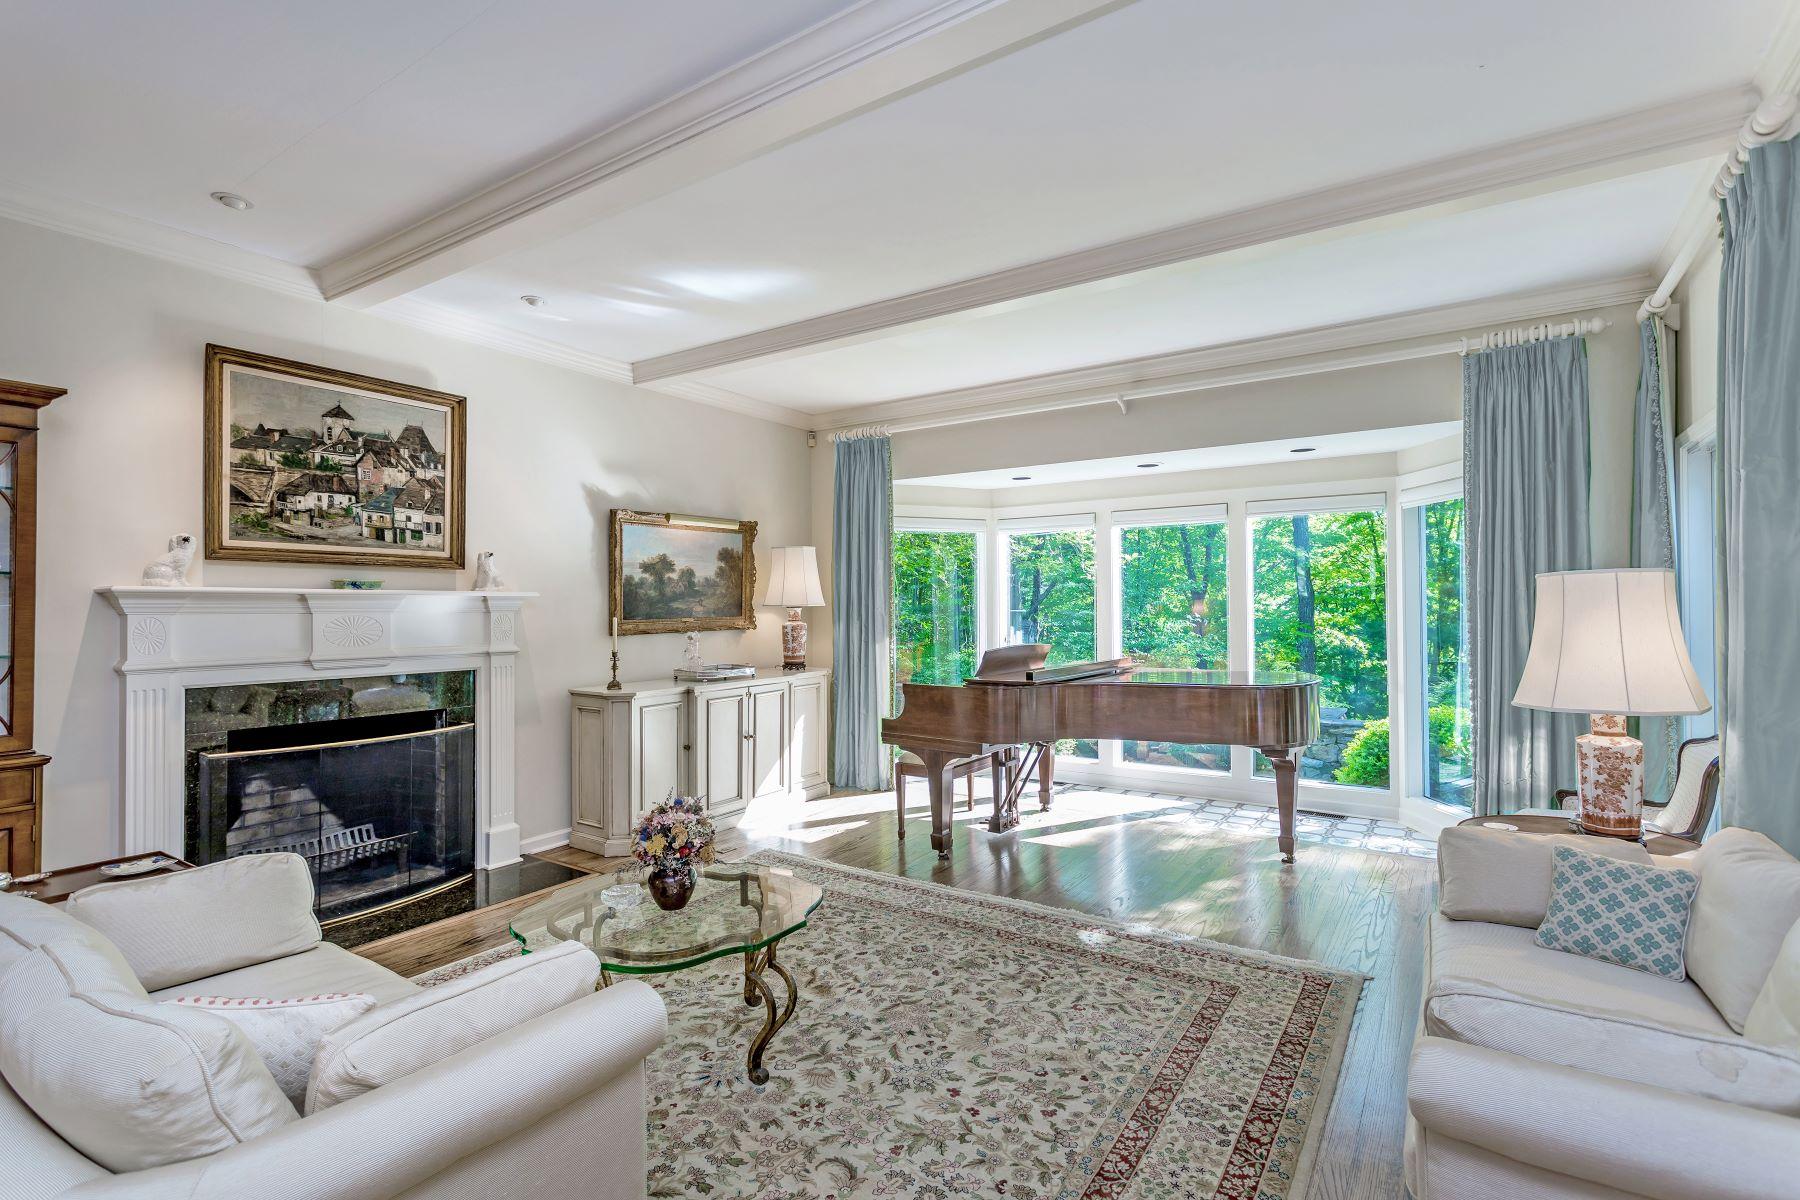 Частный односемейный дом для того Продажа на Peter Pond Estate 40 Peter Road Woodbury, Коннектикут 06798 Соединенные Штаты